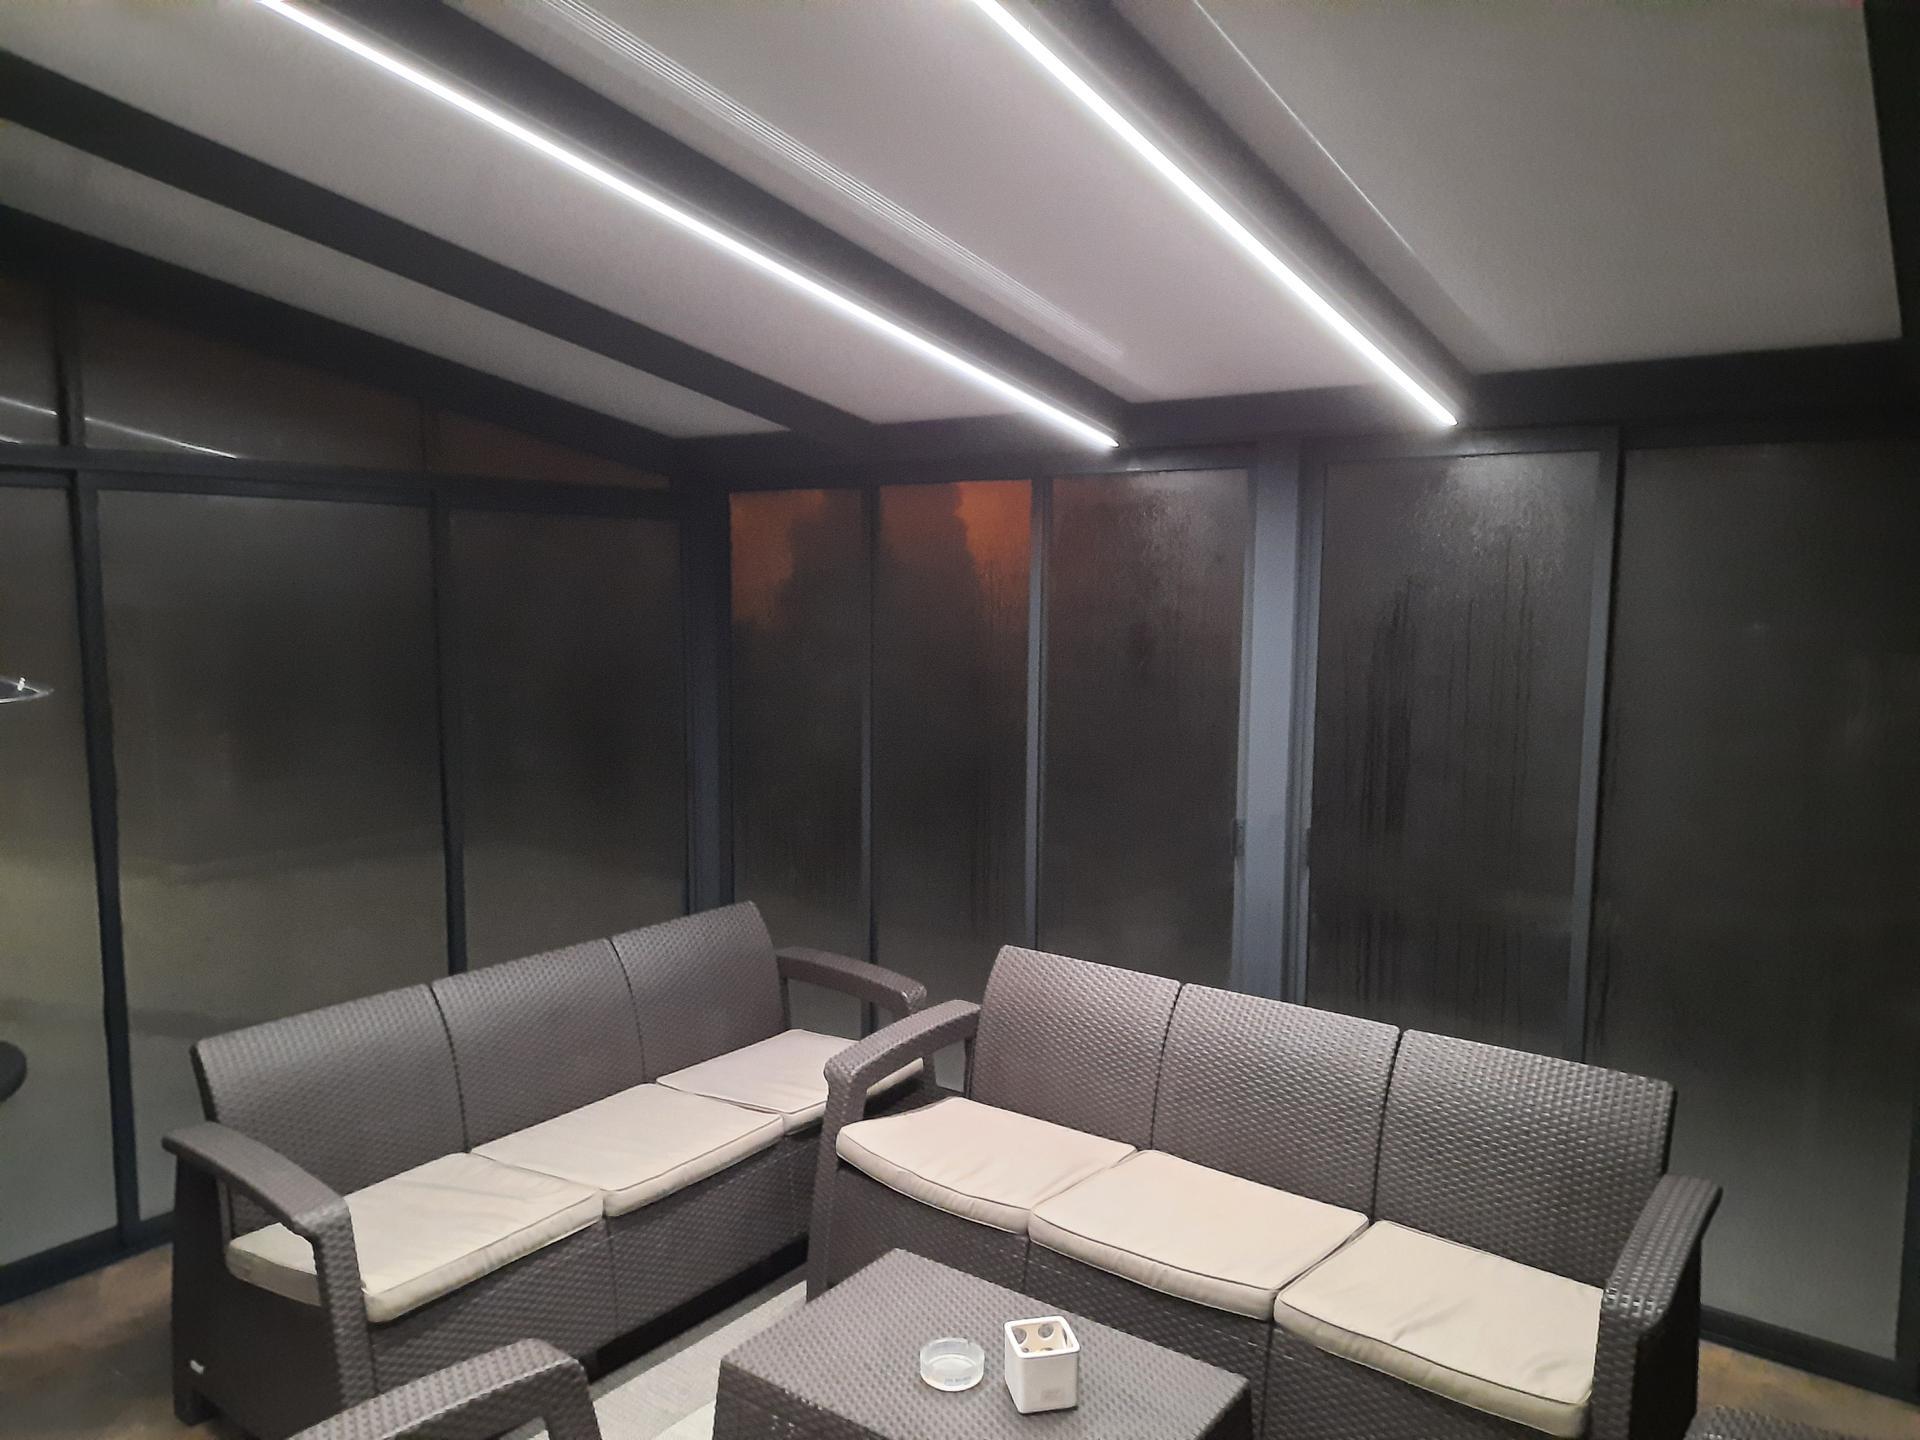 Moderný dizajn vašej terasy vyžaduje aj štýlové Led osvetlenie... V tomto prípade aj s regulovateľným stmievaním oboch Led pásov. - Obrázok č. 1